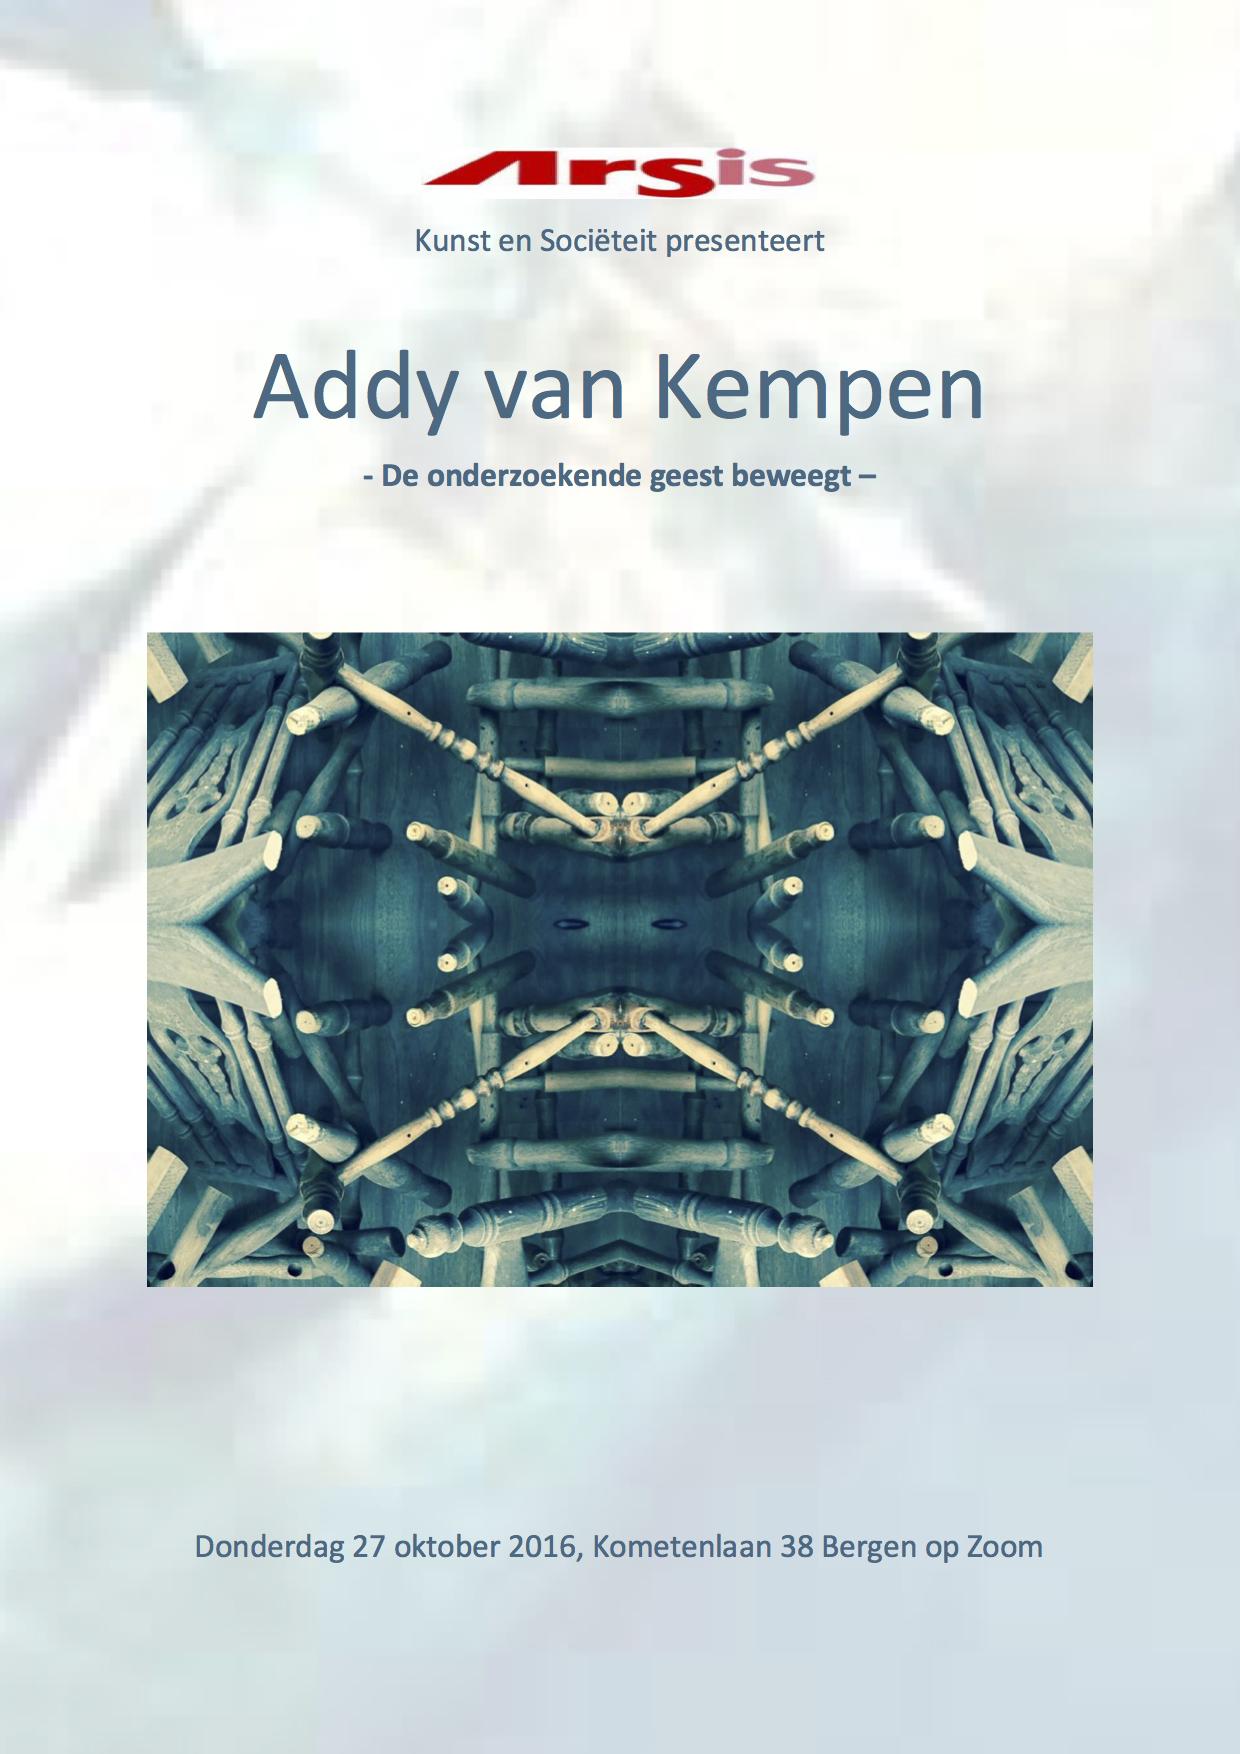 Addy van Kempen <br> presenteert zich bij Arsis